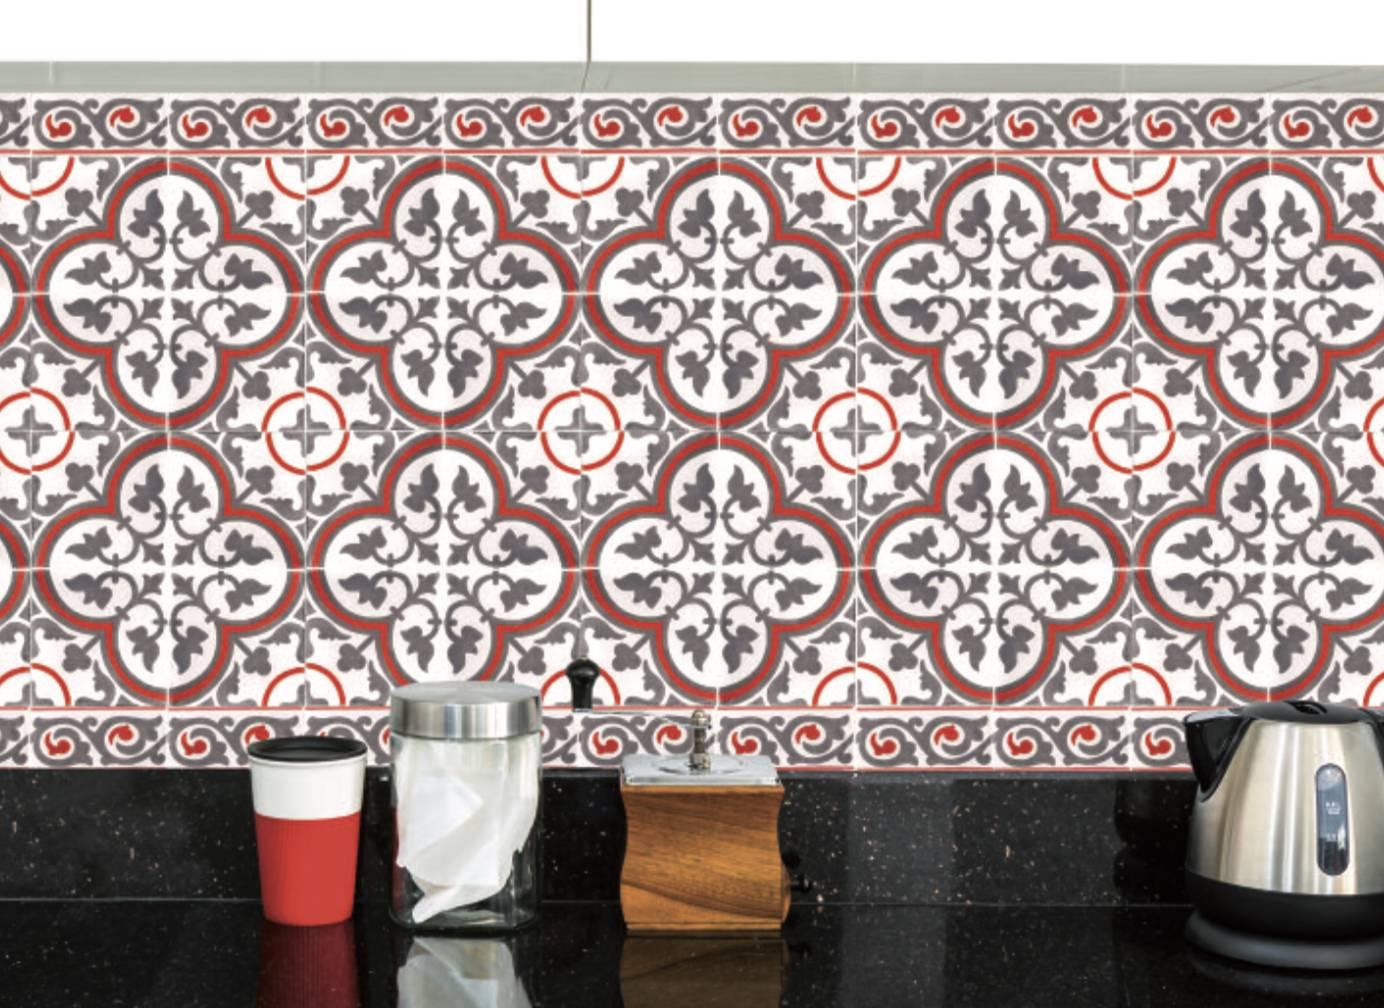 Vendeur De Carrelage Marbre Pas Cher Monaco Diffusion Ceramique